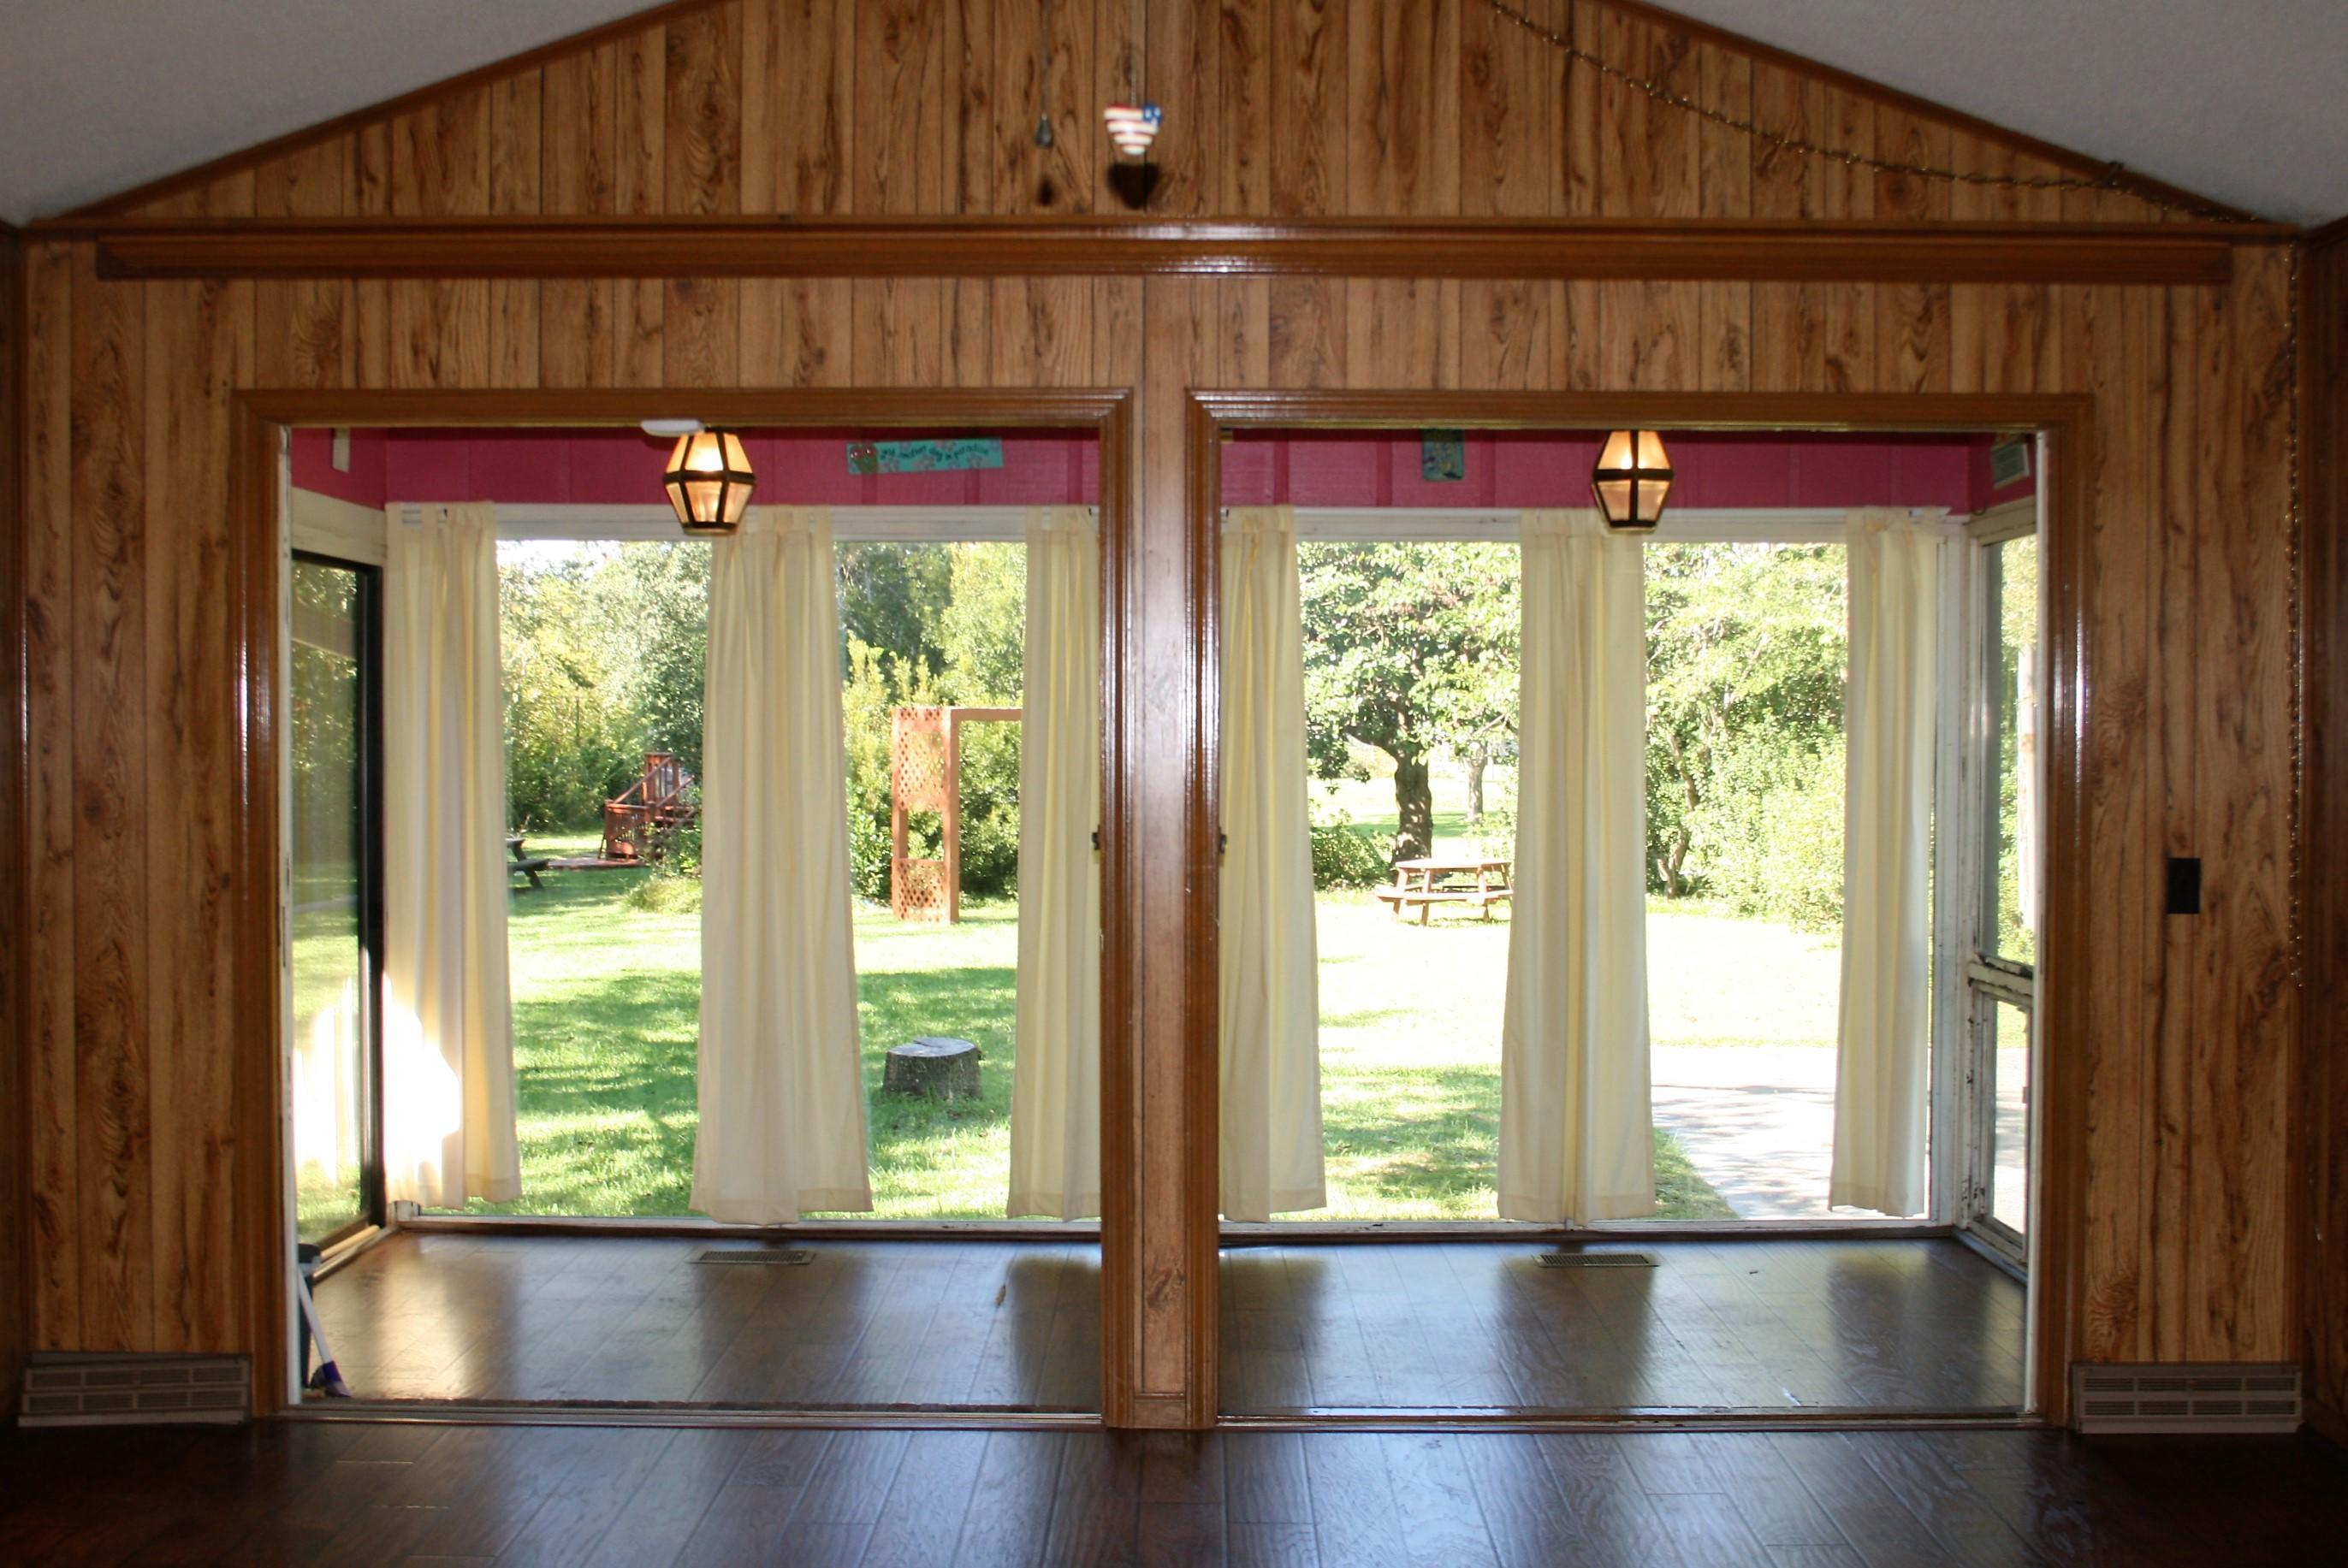 Lake Moultrie Shores Homes For Sale - 219 Lake Moultrie, Bonneau, SC - 25